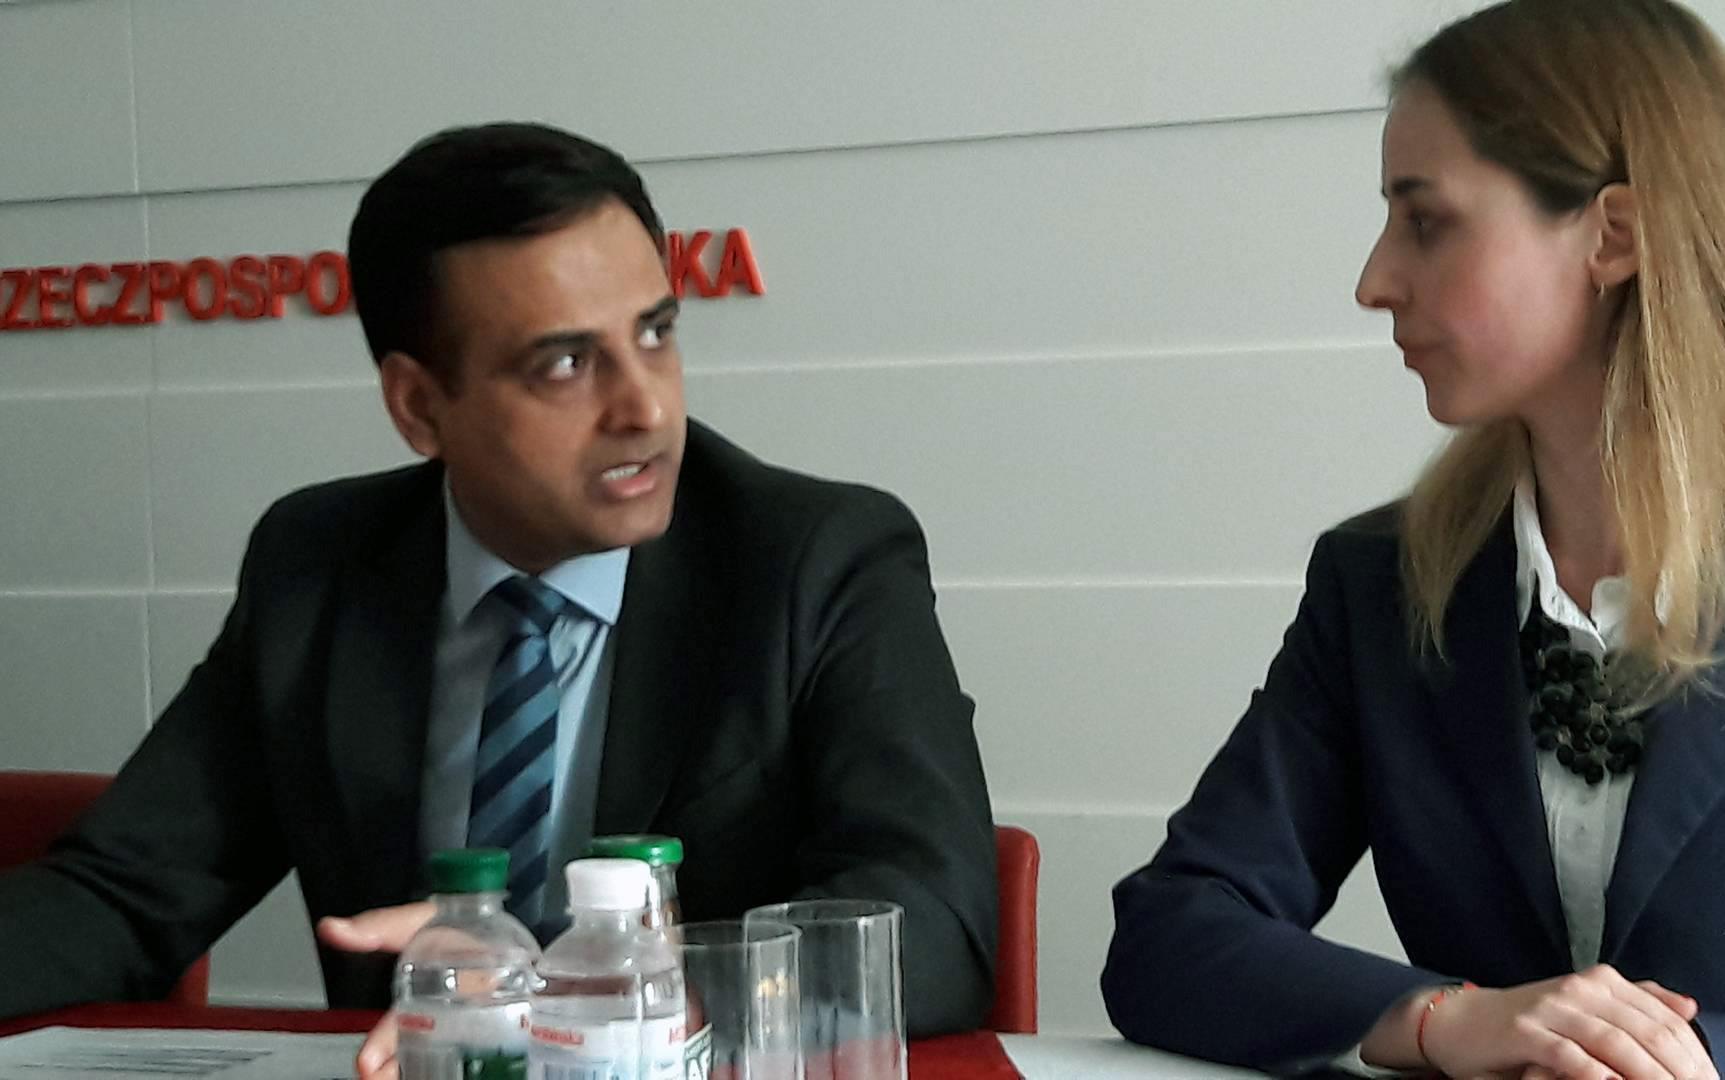 Po lewej dyrektor VFS Głobal CIS and Turkey Amit Kumar Szarma